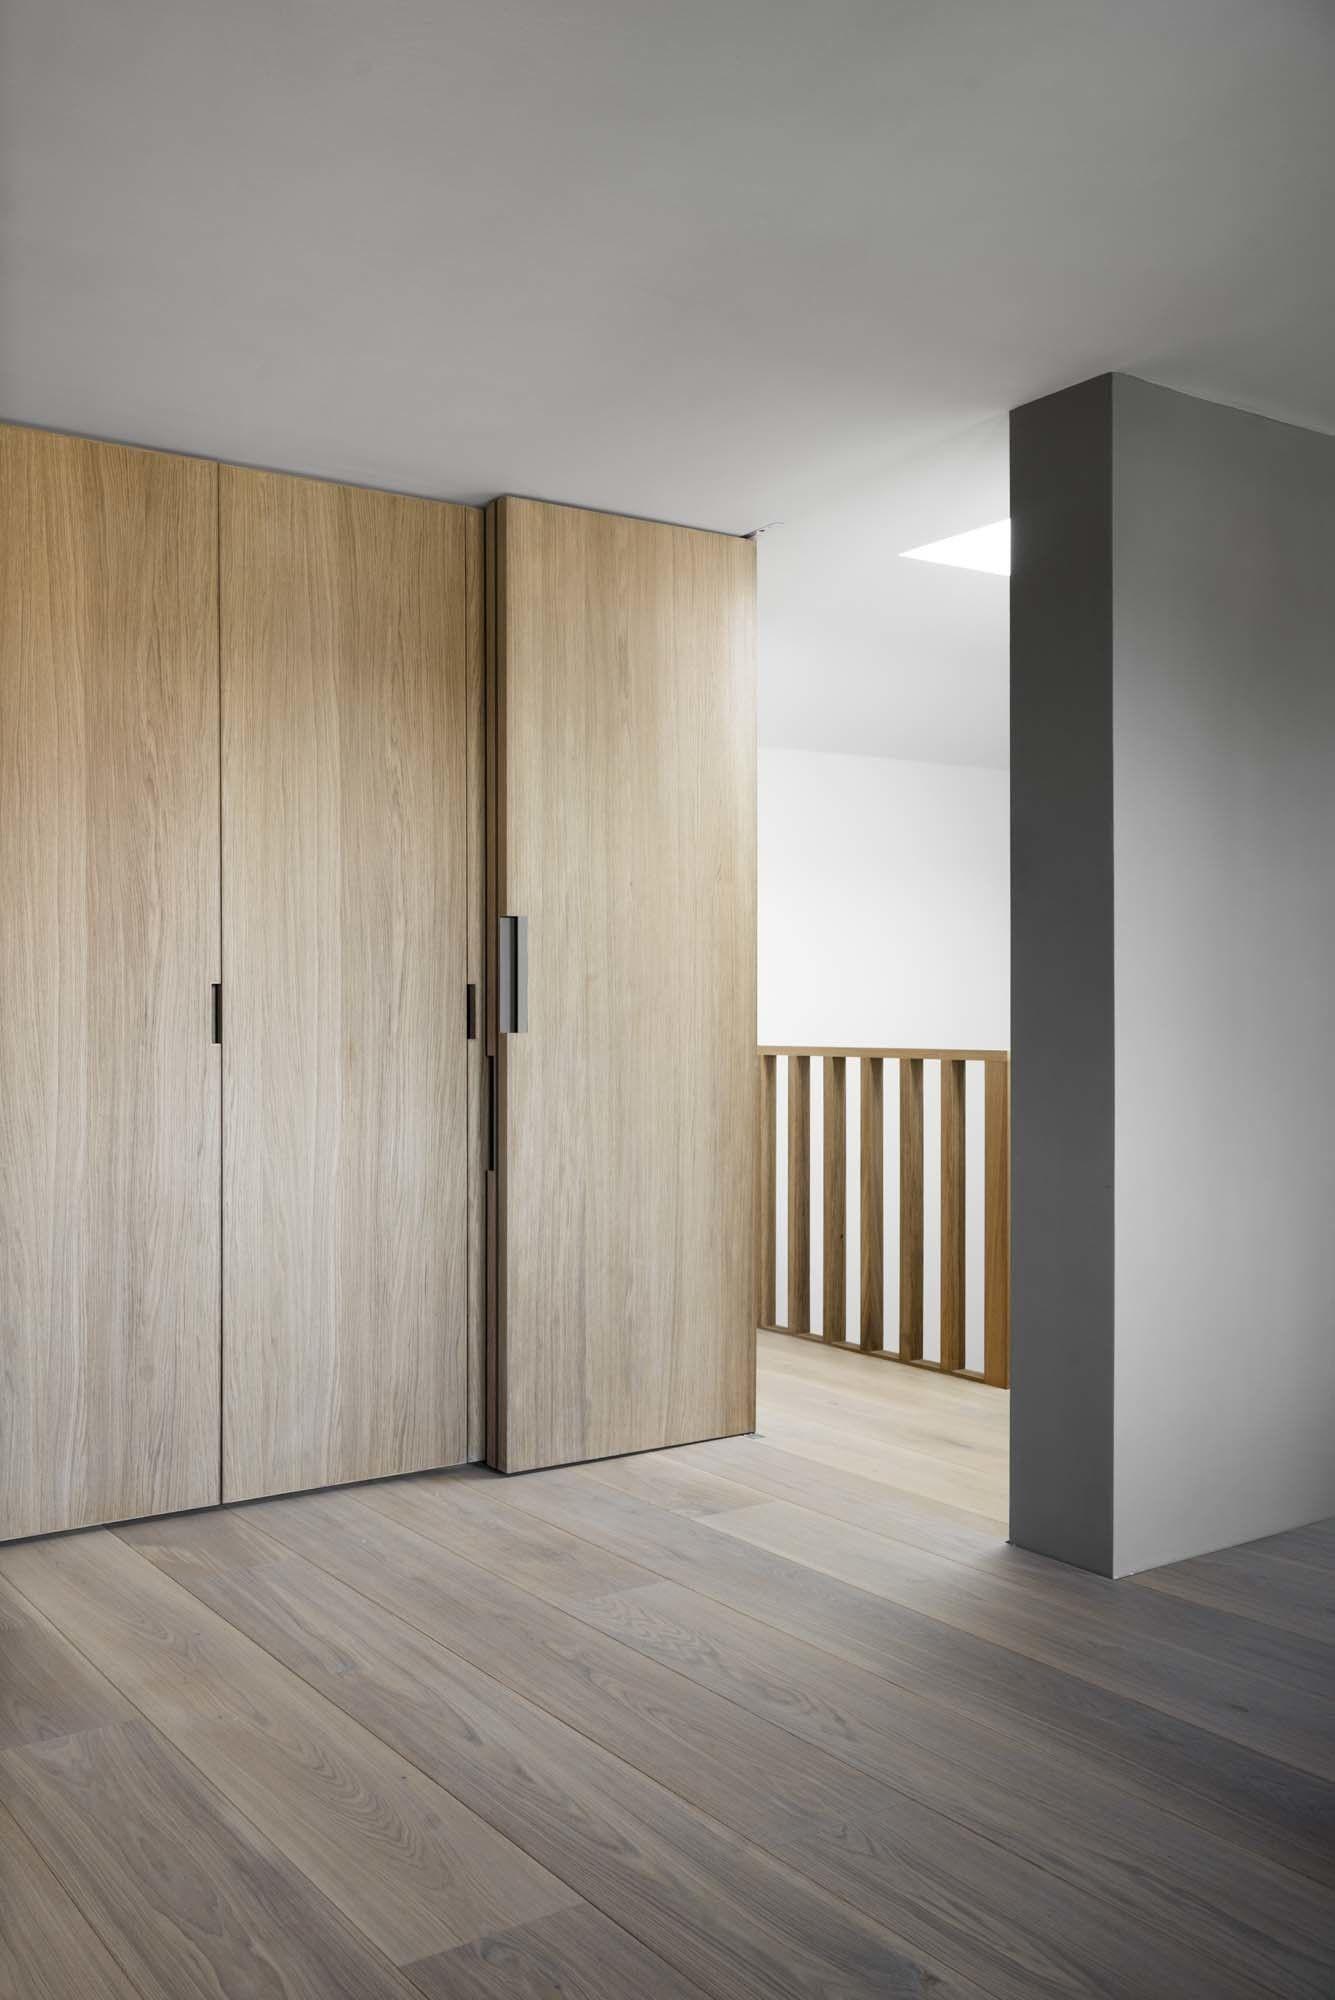 Kew Interior doors for sale, Oak interior doors